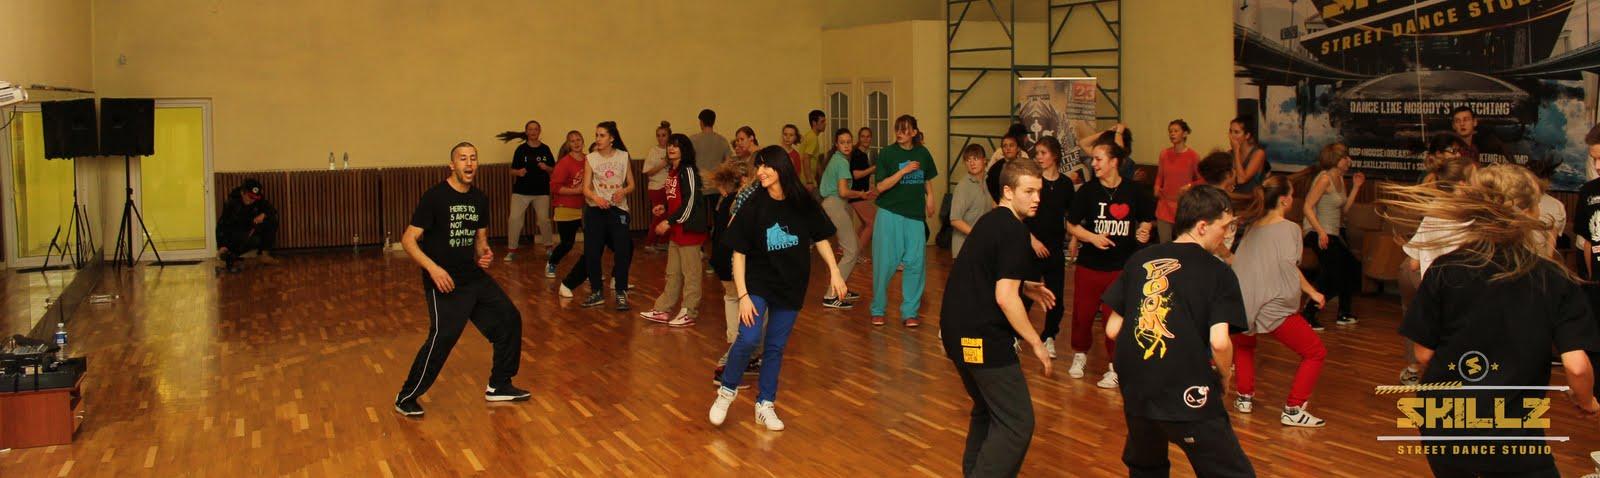 Rabah (Prancuzija) House seminaras - IMG_0759.jpg